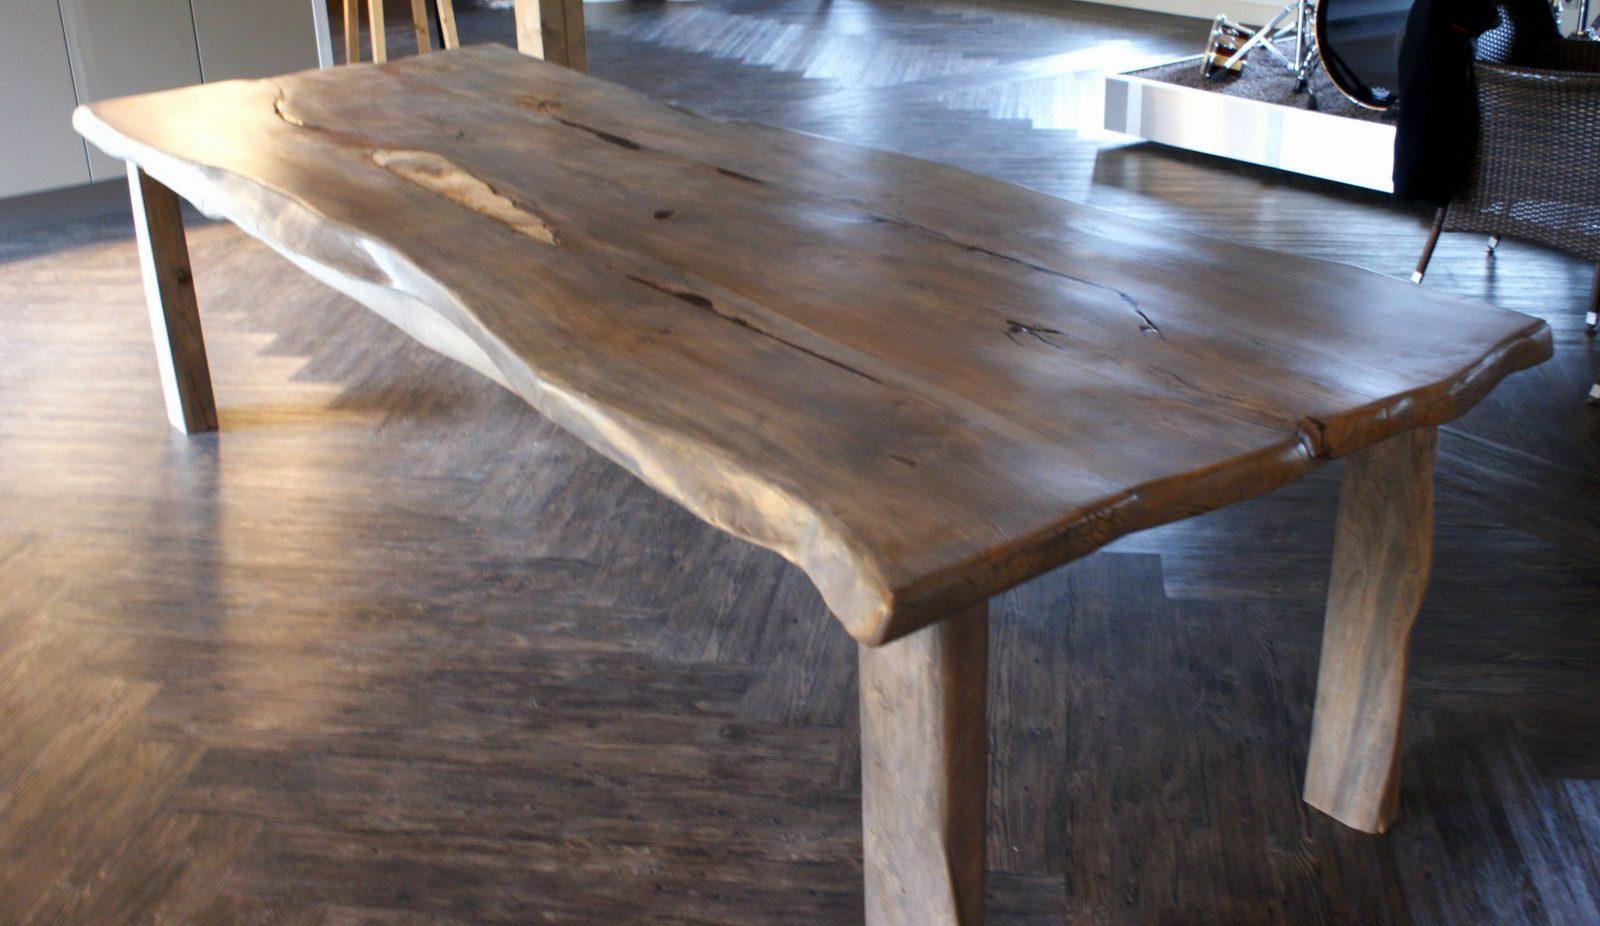 Verkaufsschlager Einen Rustikalen Loft Tisch Selber Bauen So Geht S von Rustikaler Holztisch Selber Bauen Photo